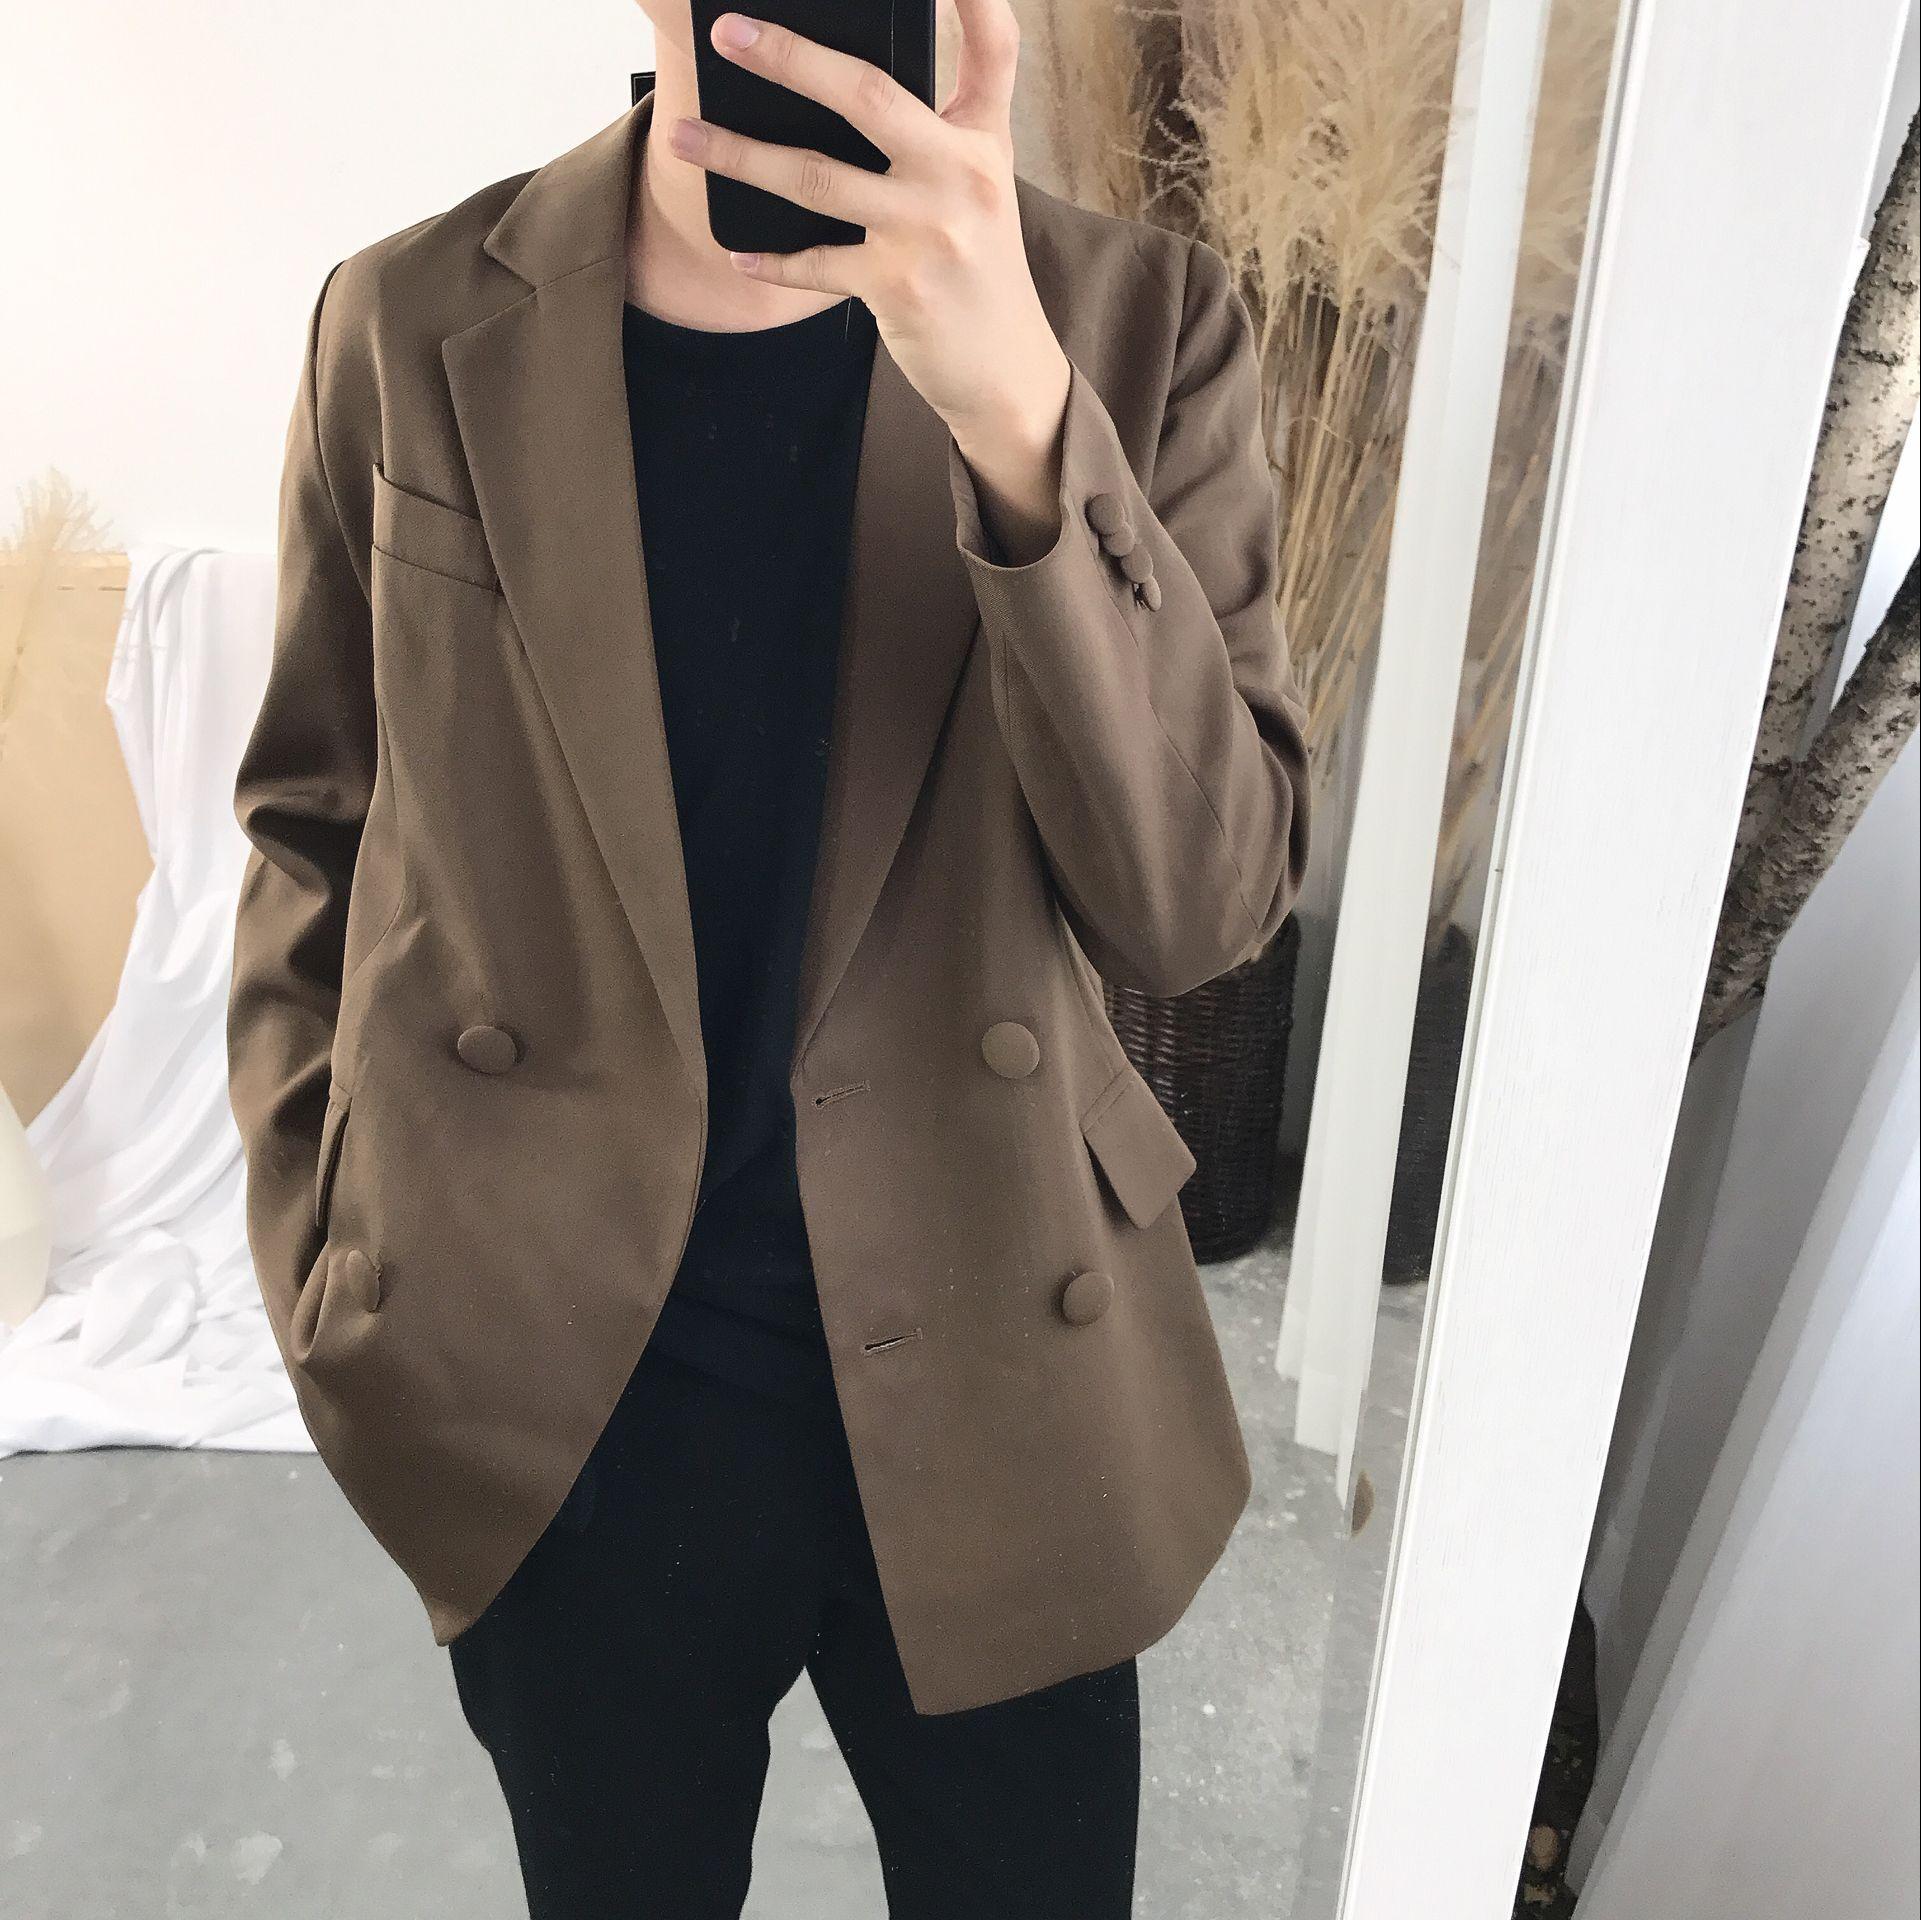 阿茶与阿古极简风修身棕色西服